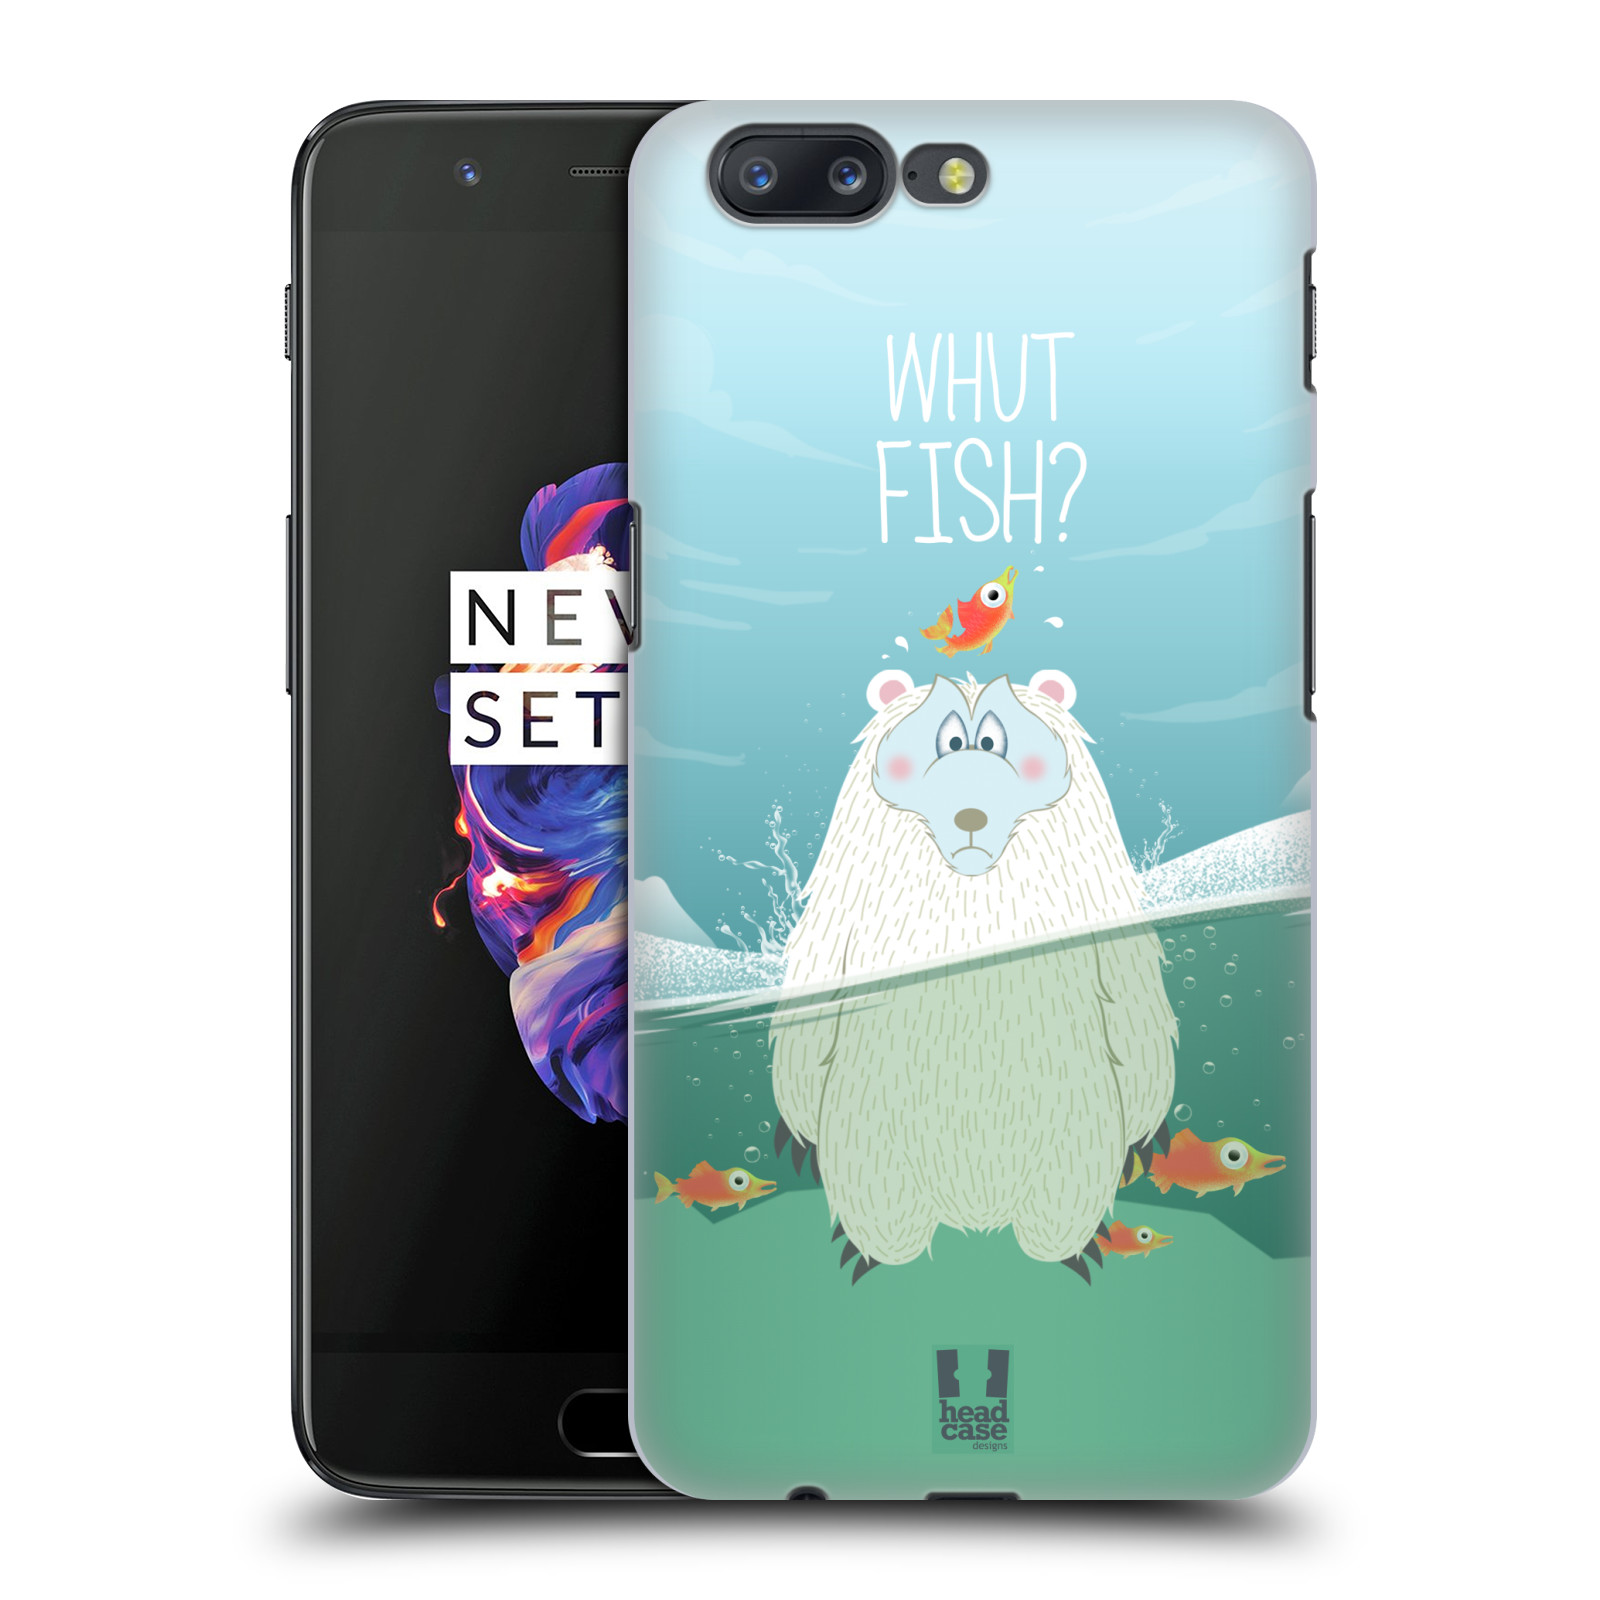 Plastové pouzdro na mobil OnePlus 5 - Head Case - Medvěd Whut Fish?